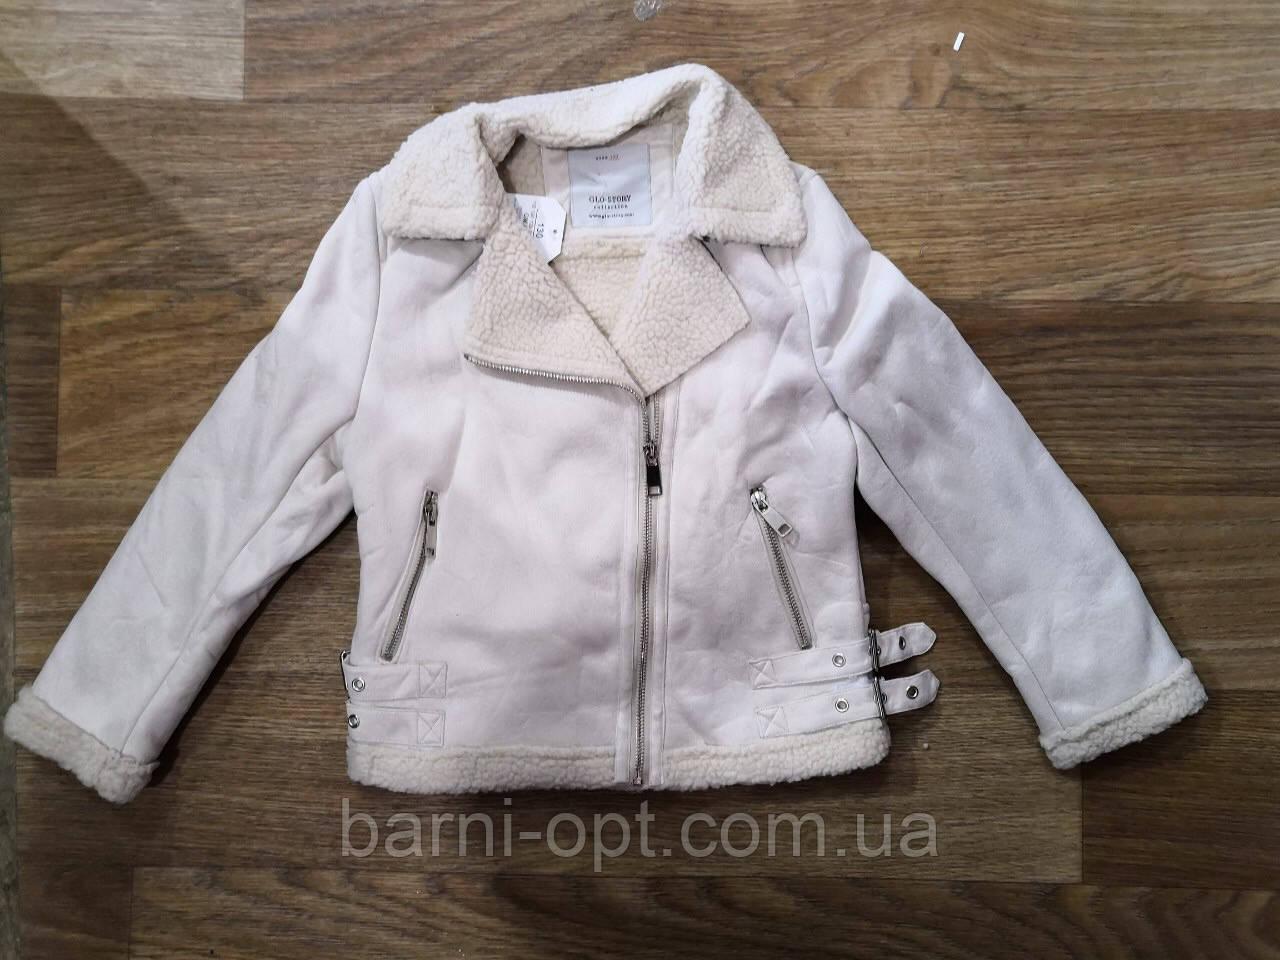 Куртка на меху для девочек оптом, Glo-story,  110-160 рр